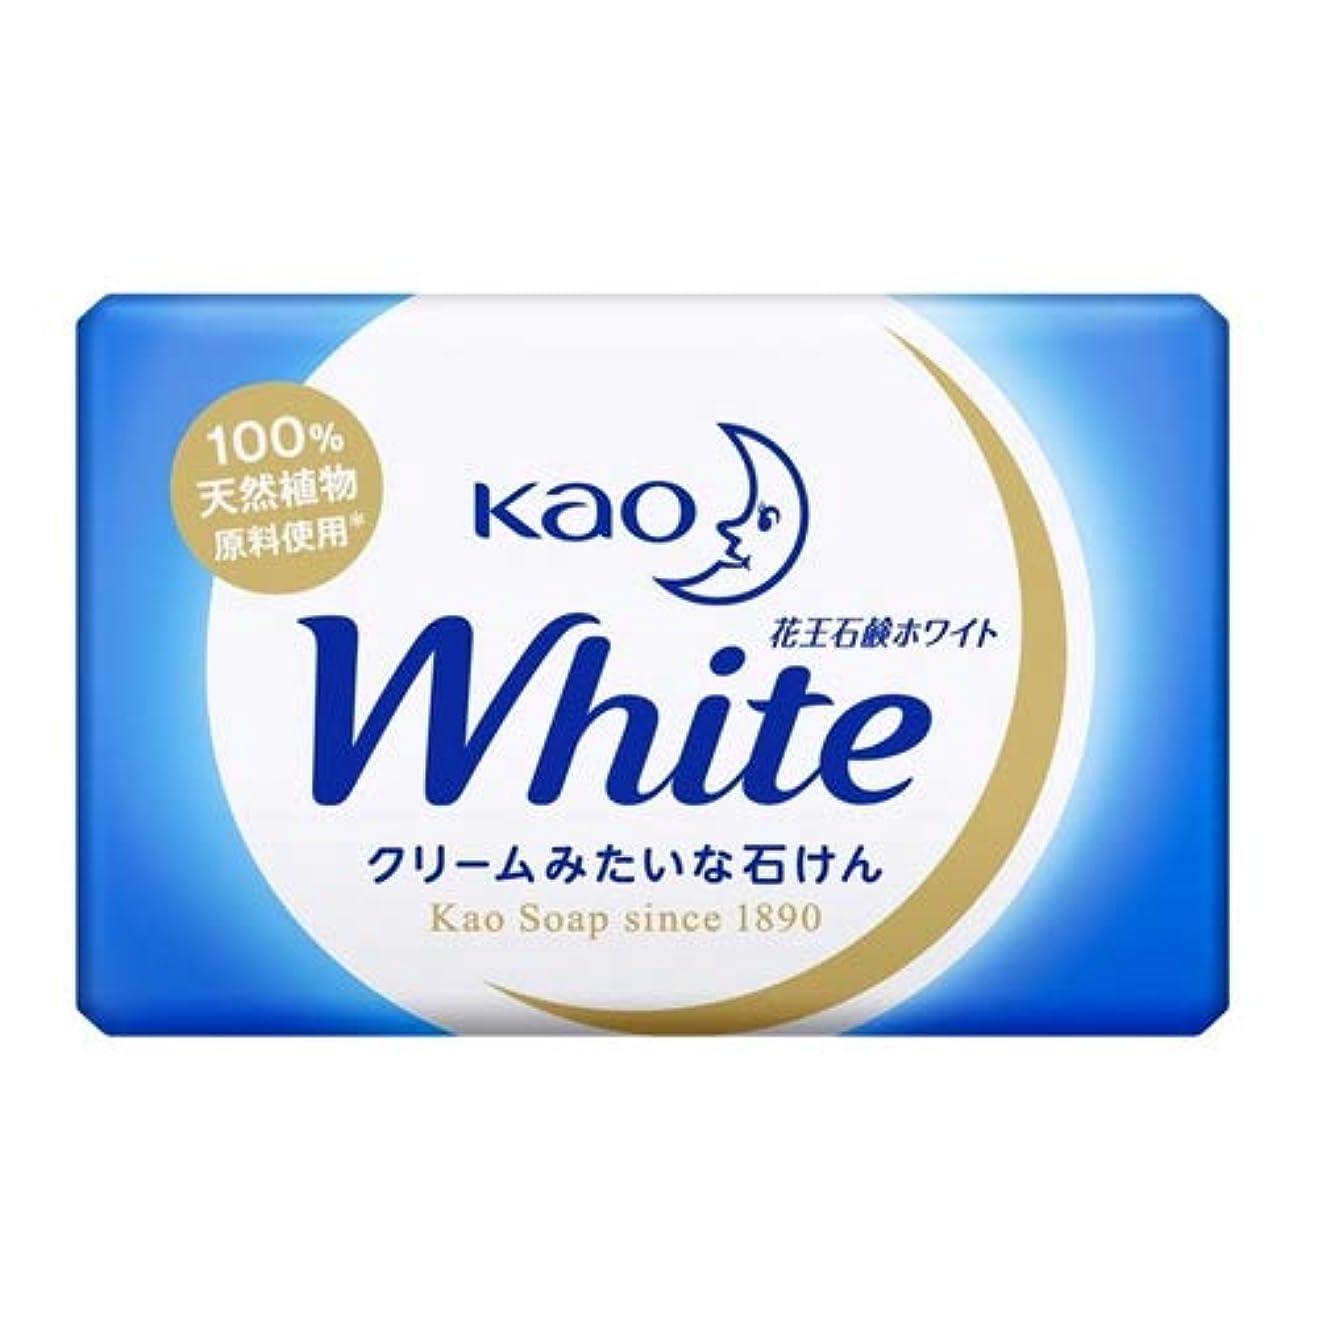 レーニン主義前任者フェミニン花王石鹸ホワイト 業務用ミニサイズ 15g × 5個セット